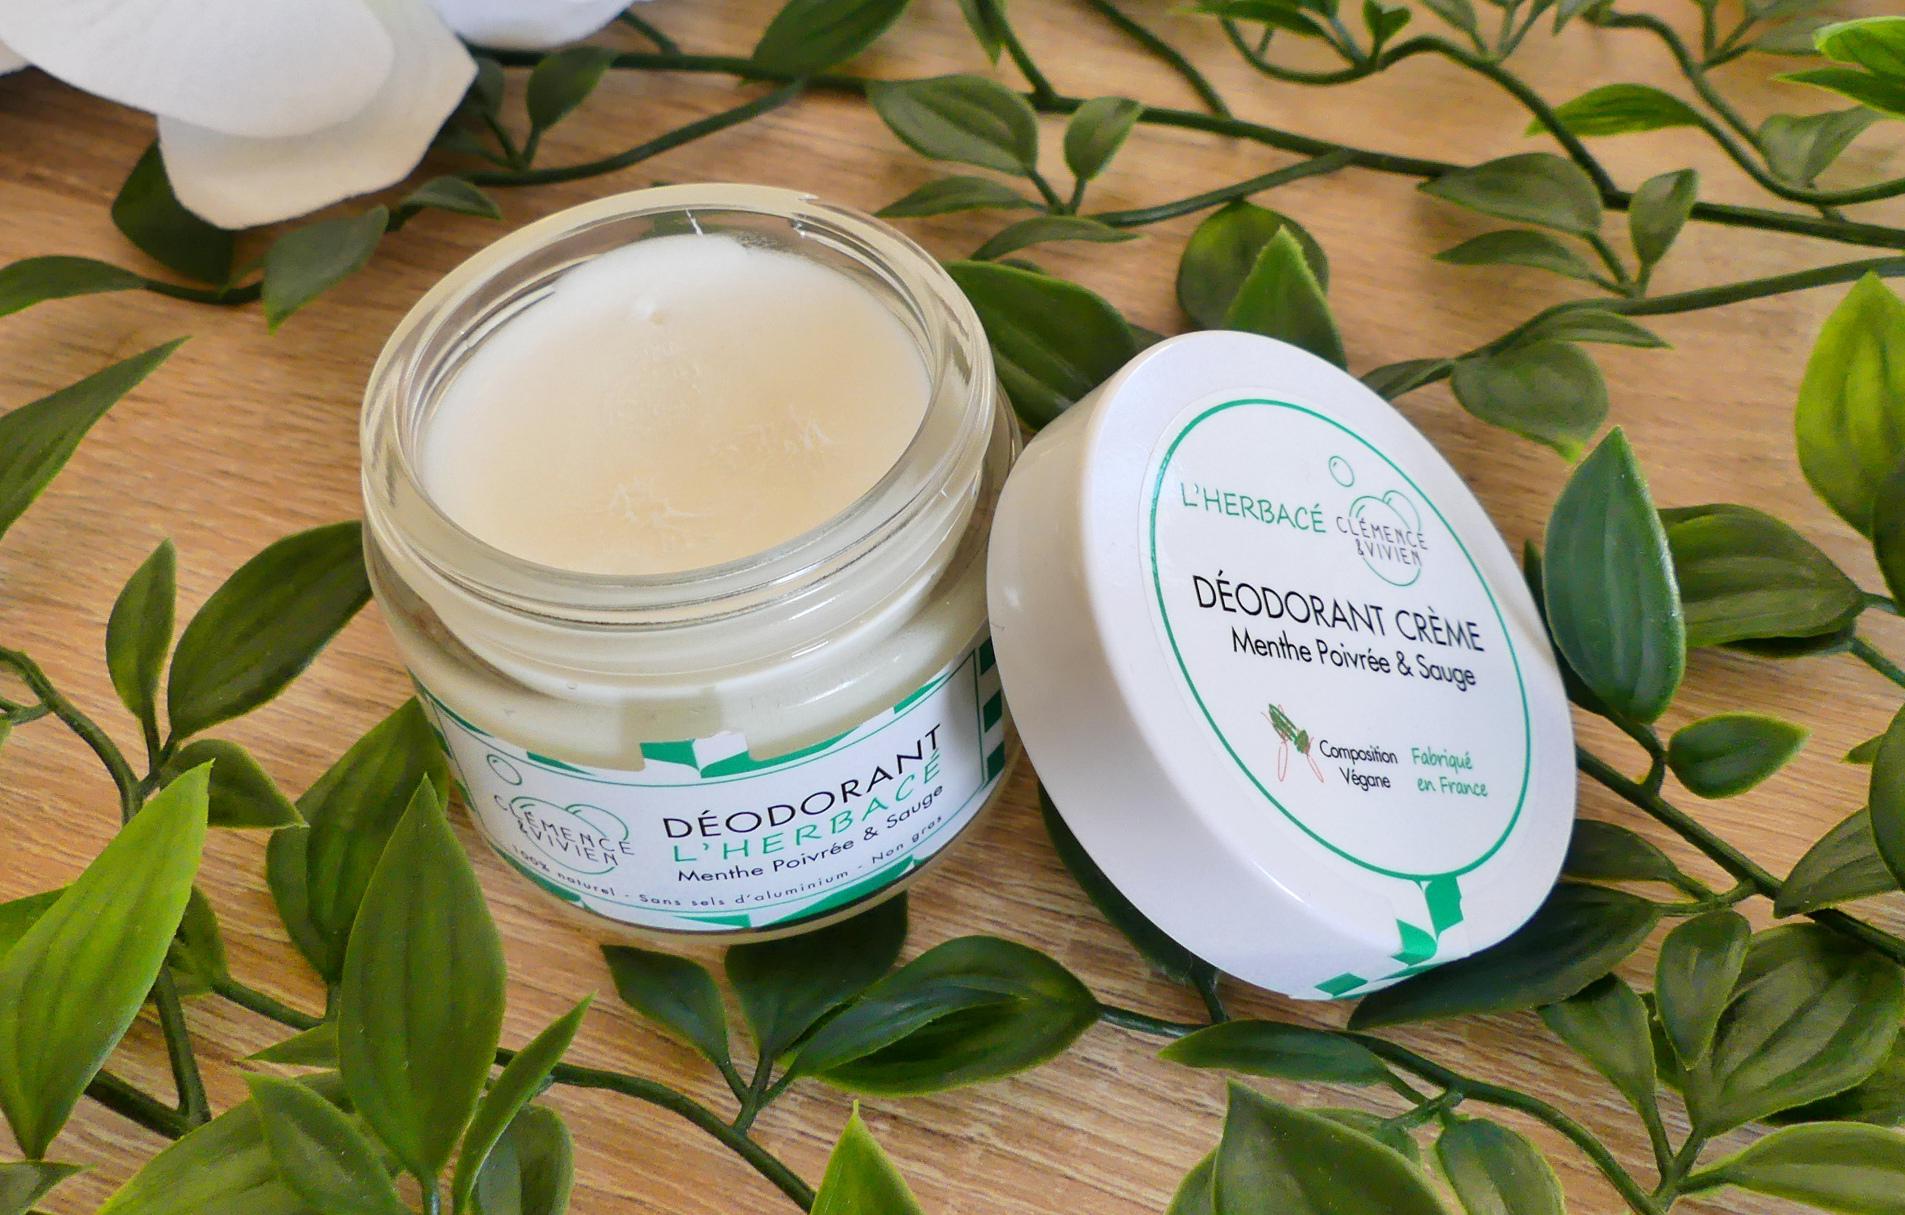 deodorant efficace sur transpiration excessive